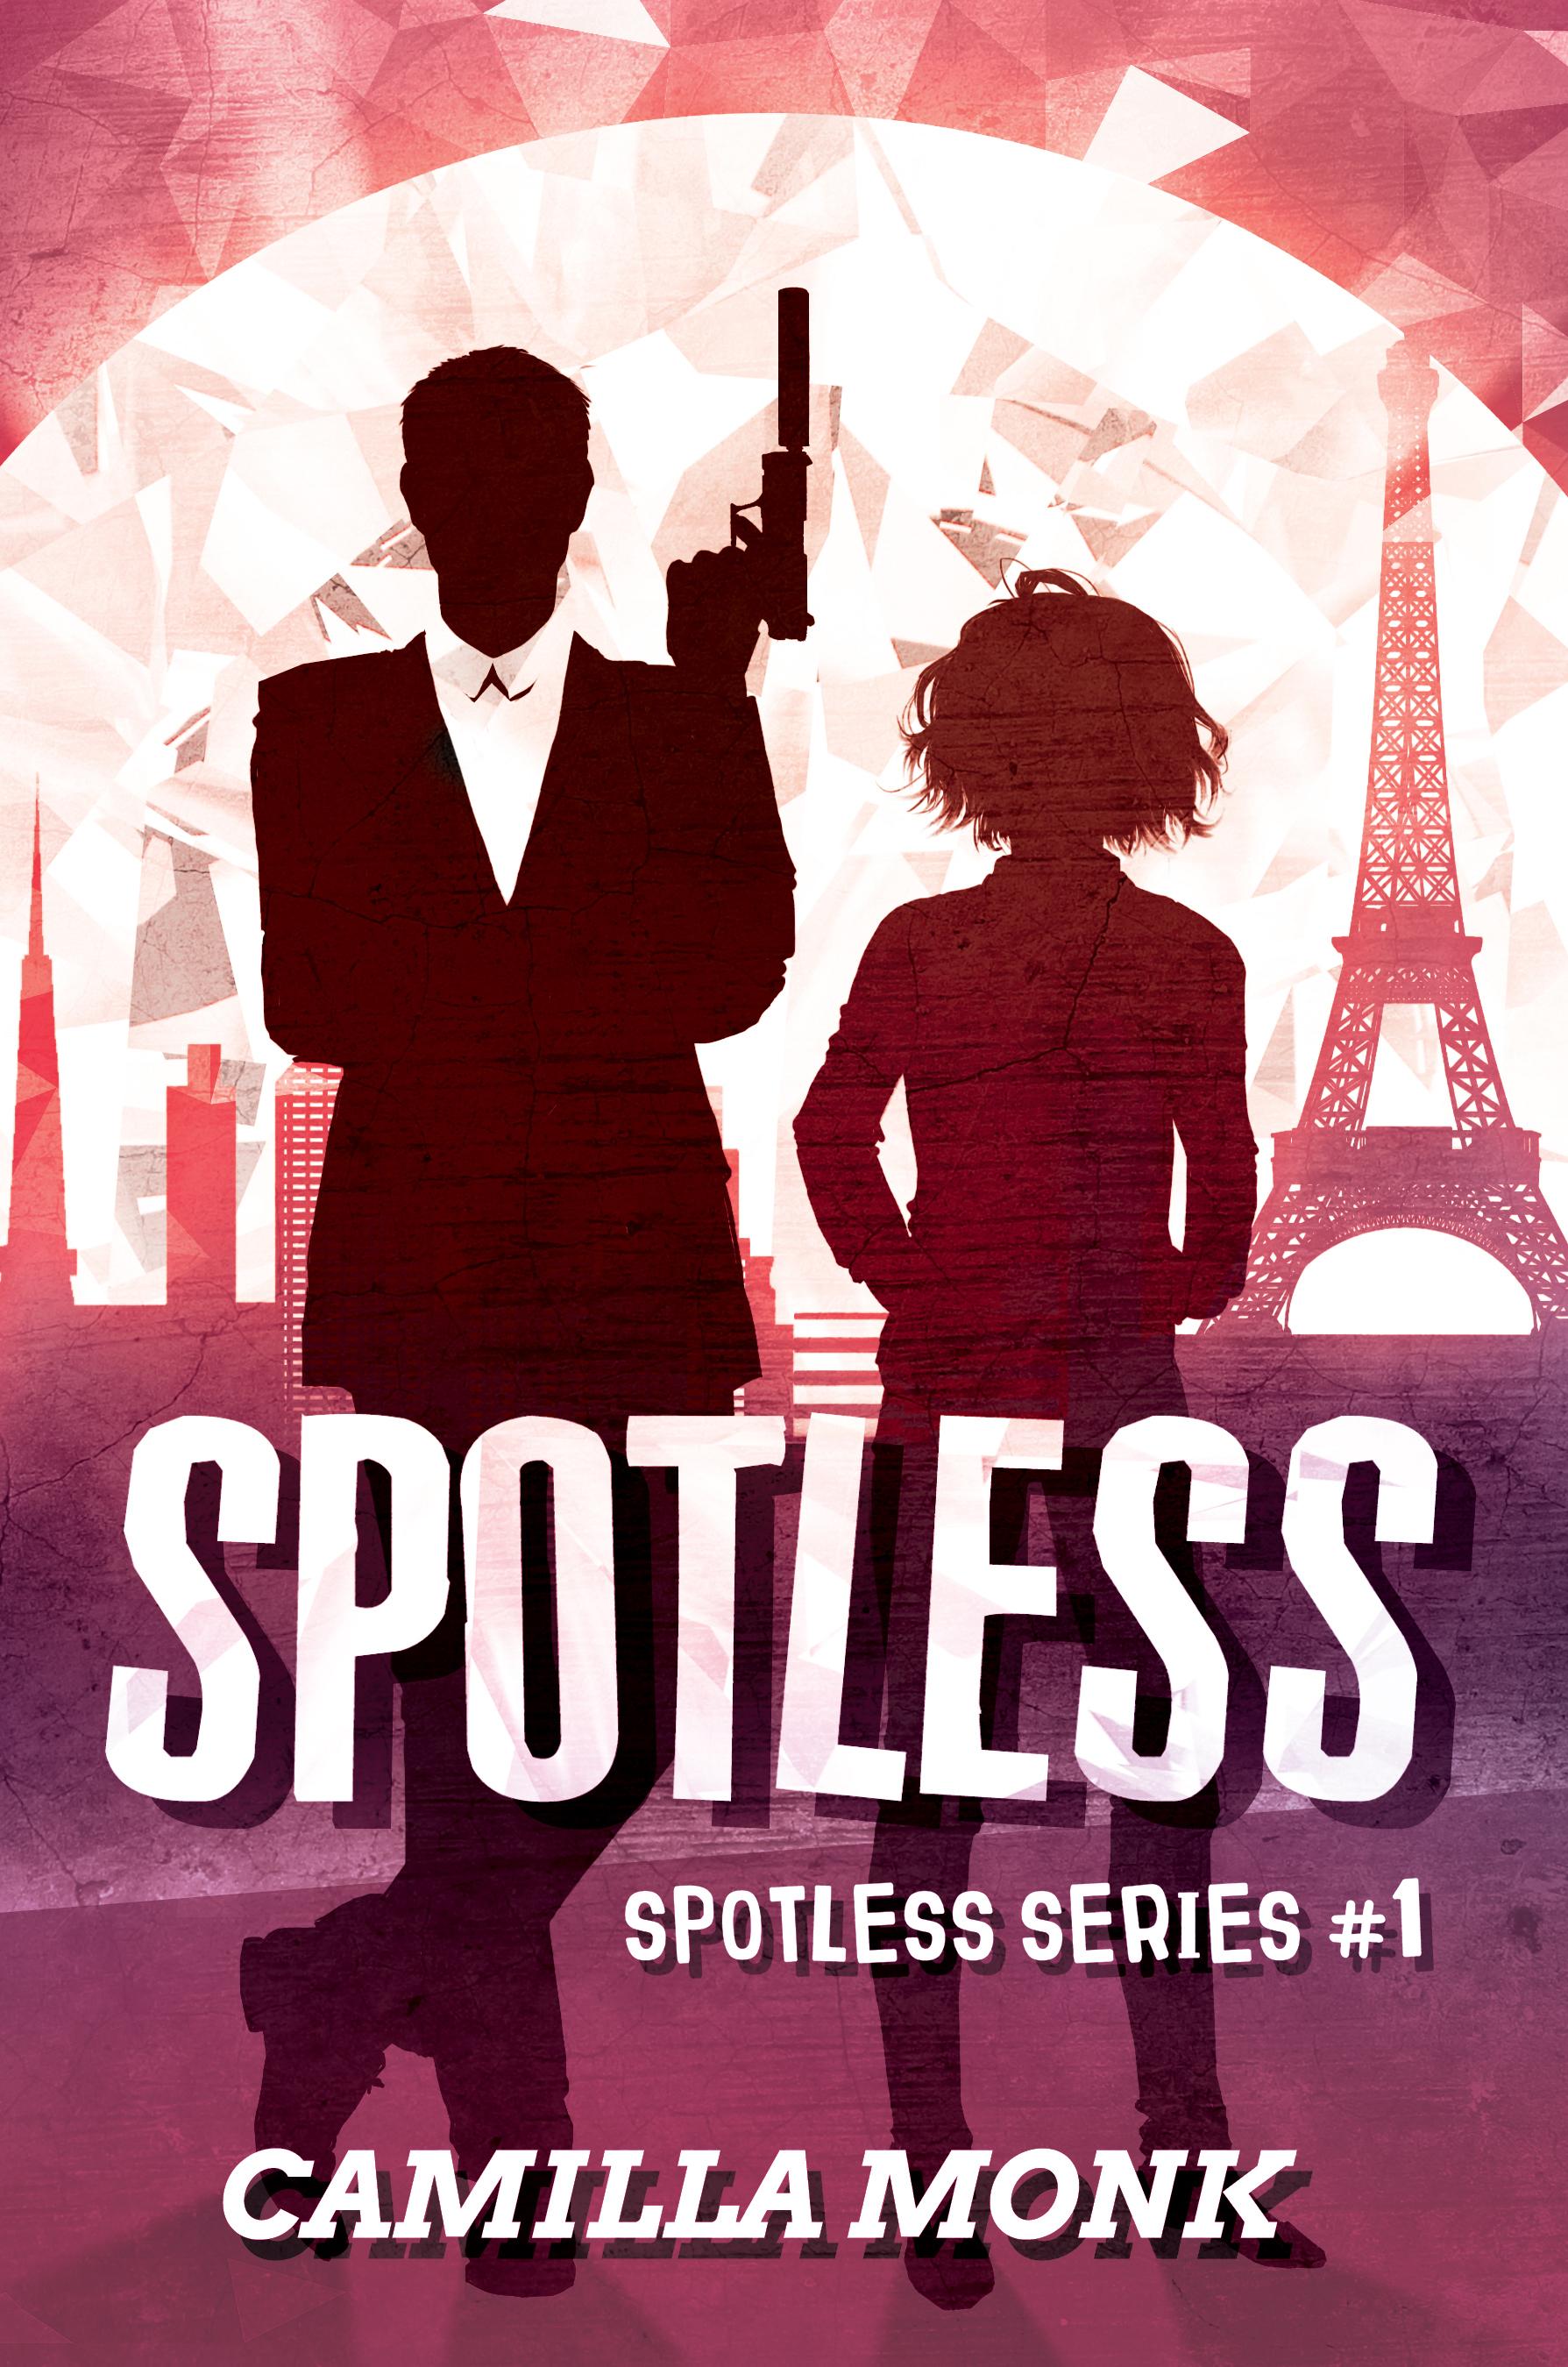 Camilla Monk - Spotless 1 - Spotless